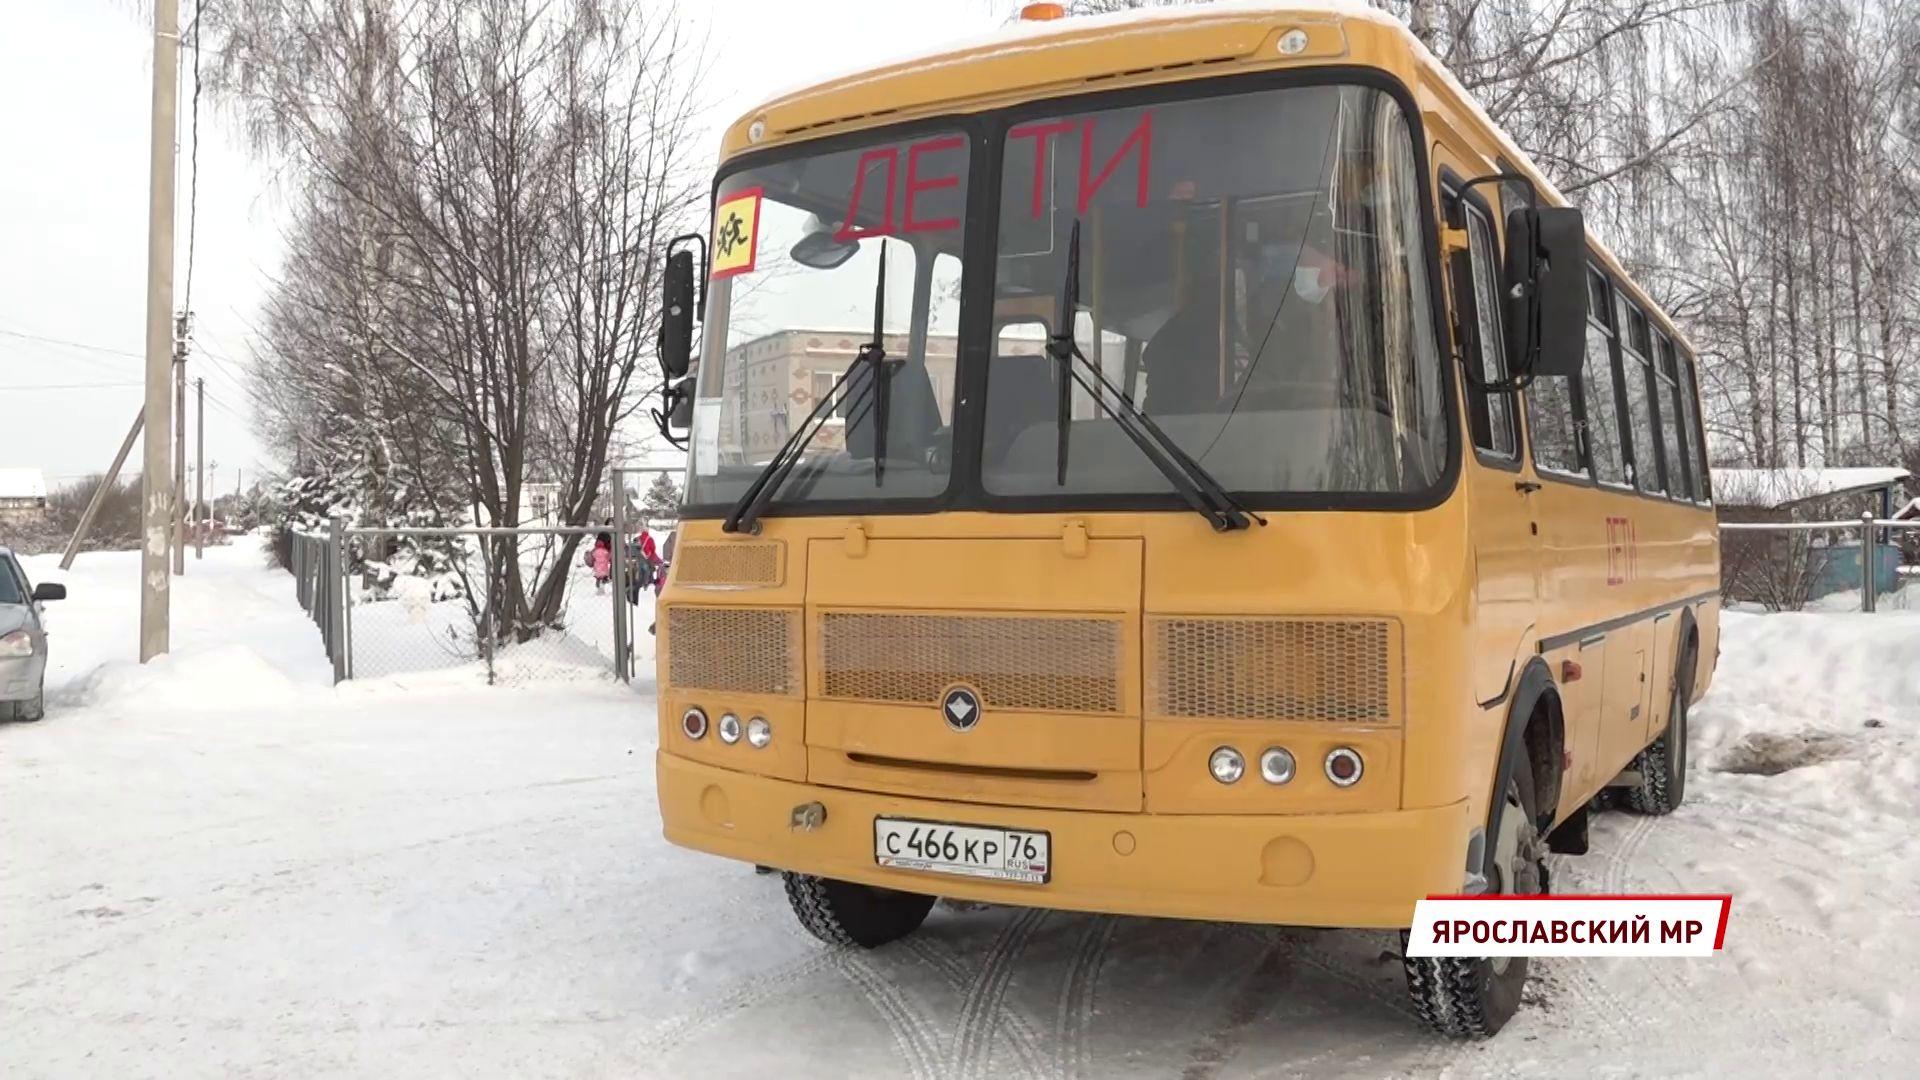 На ярославские дороги вышли новые школьные автобусы